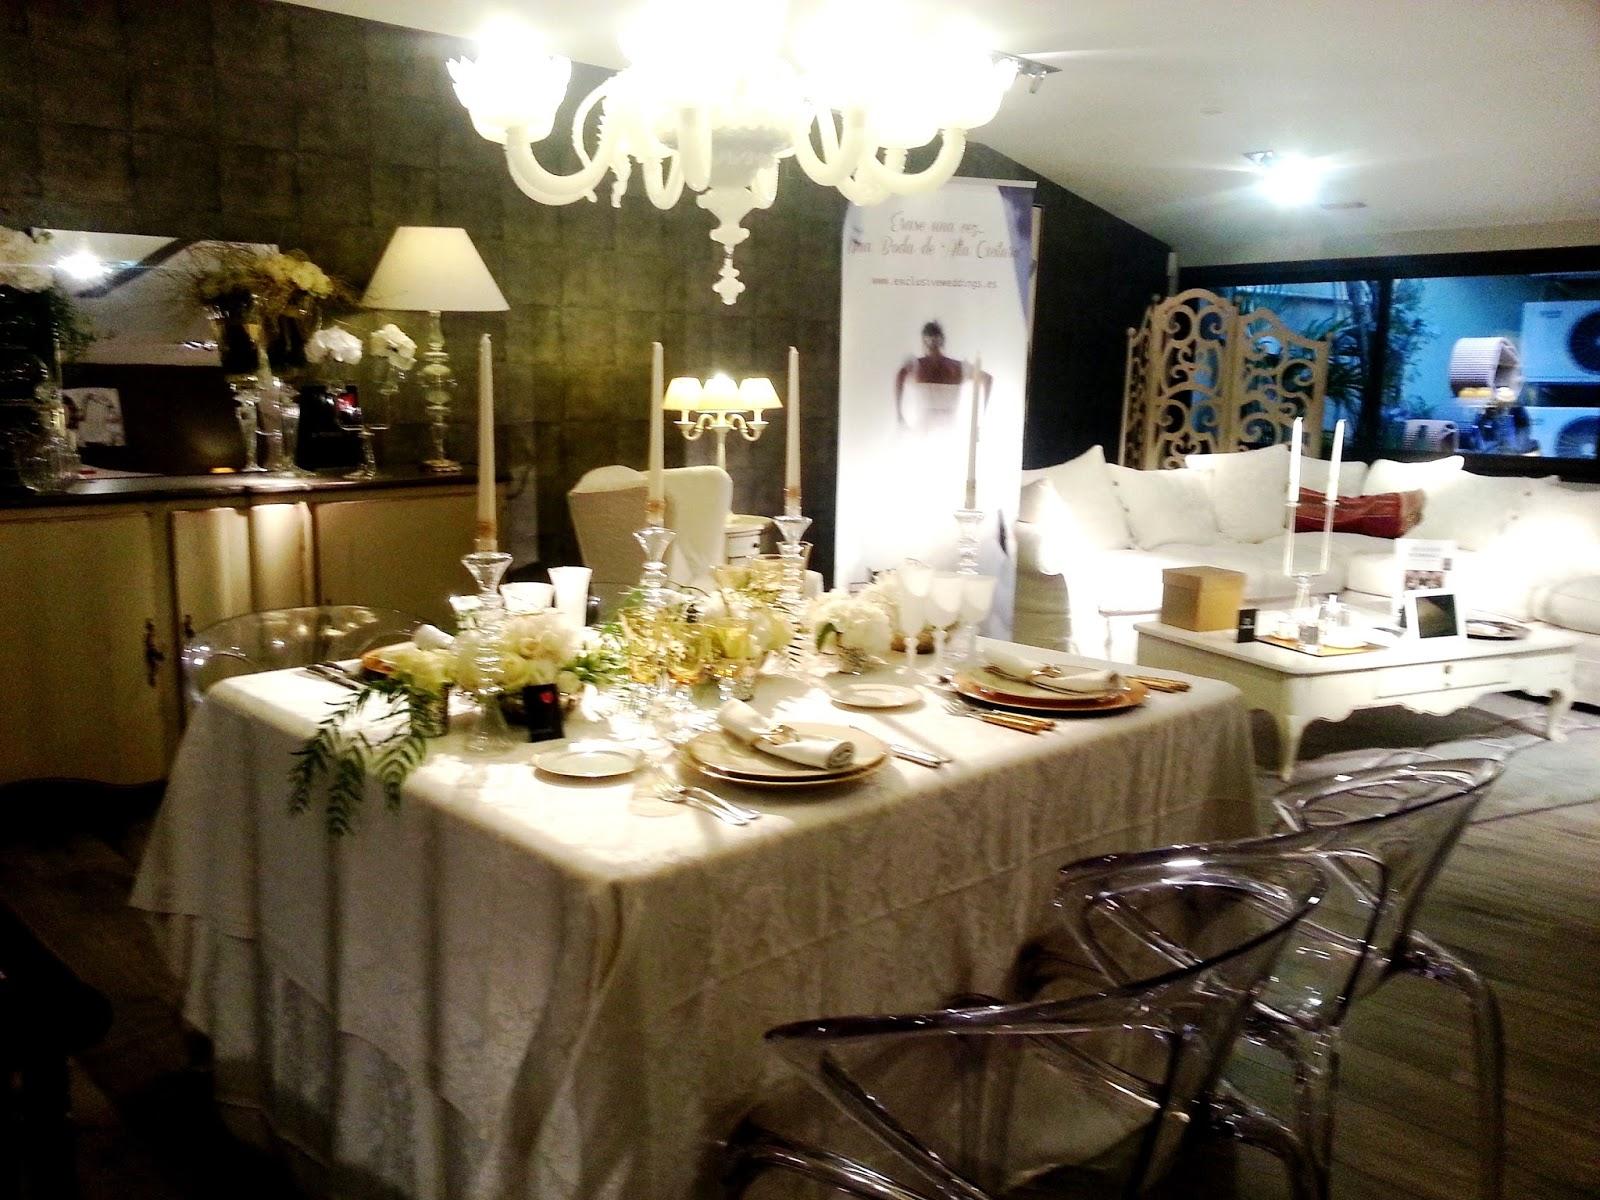 Exclusive weddings y el arte de vivir el lujo paperblog - Roche bobois barcelona ...